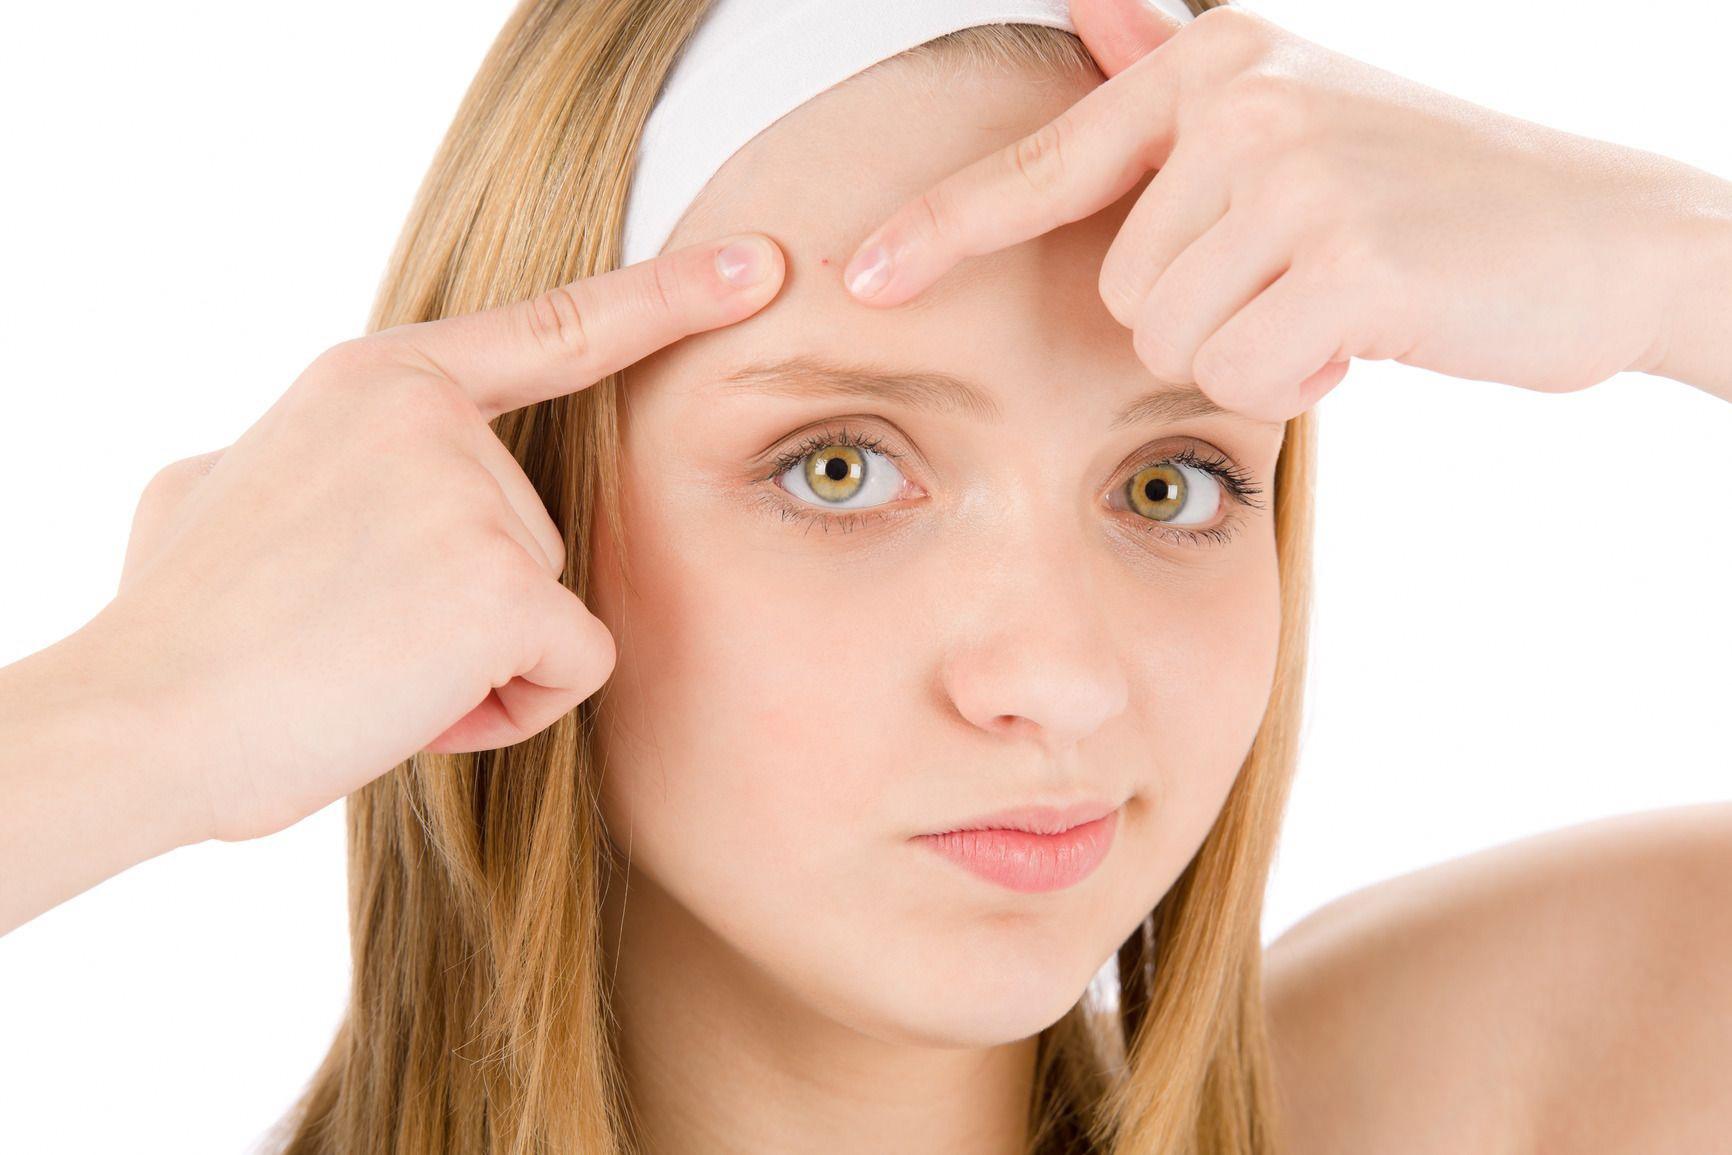 L'  acne incubo degli adolescenti e spesso anche degli adulti